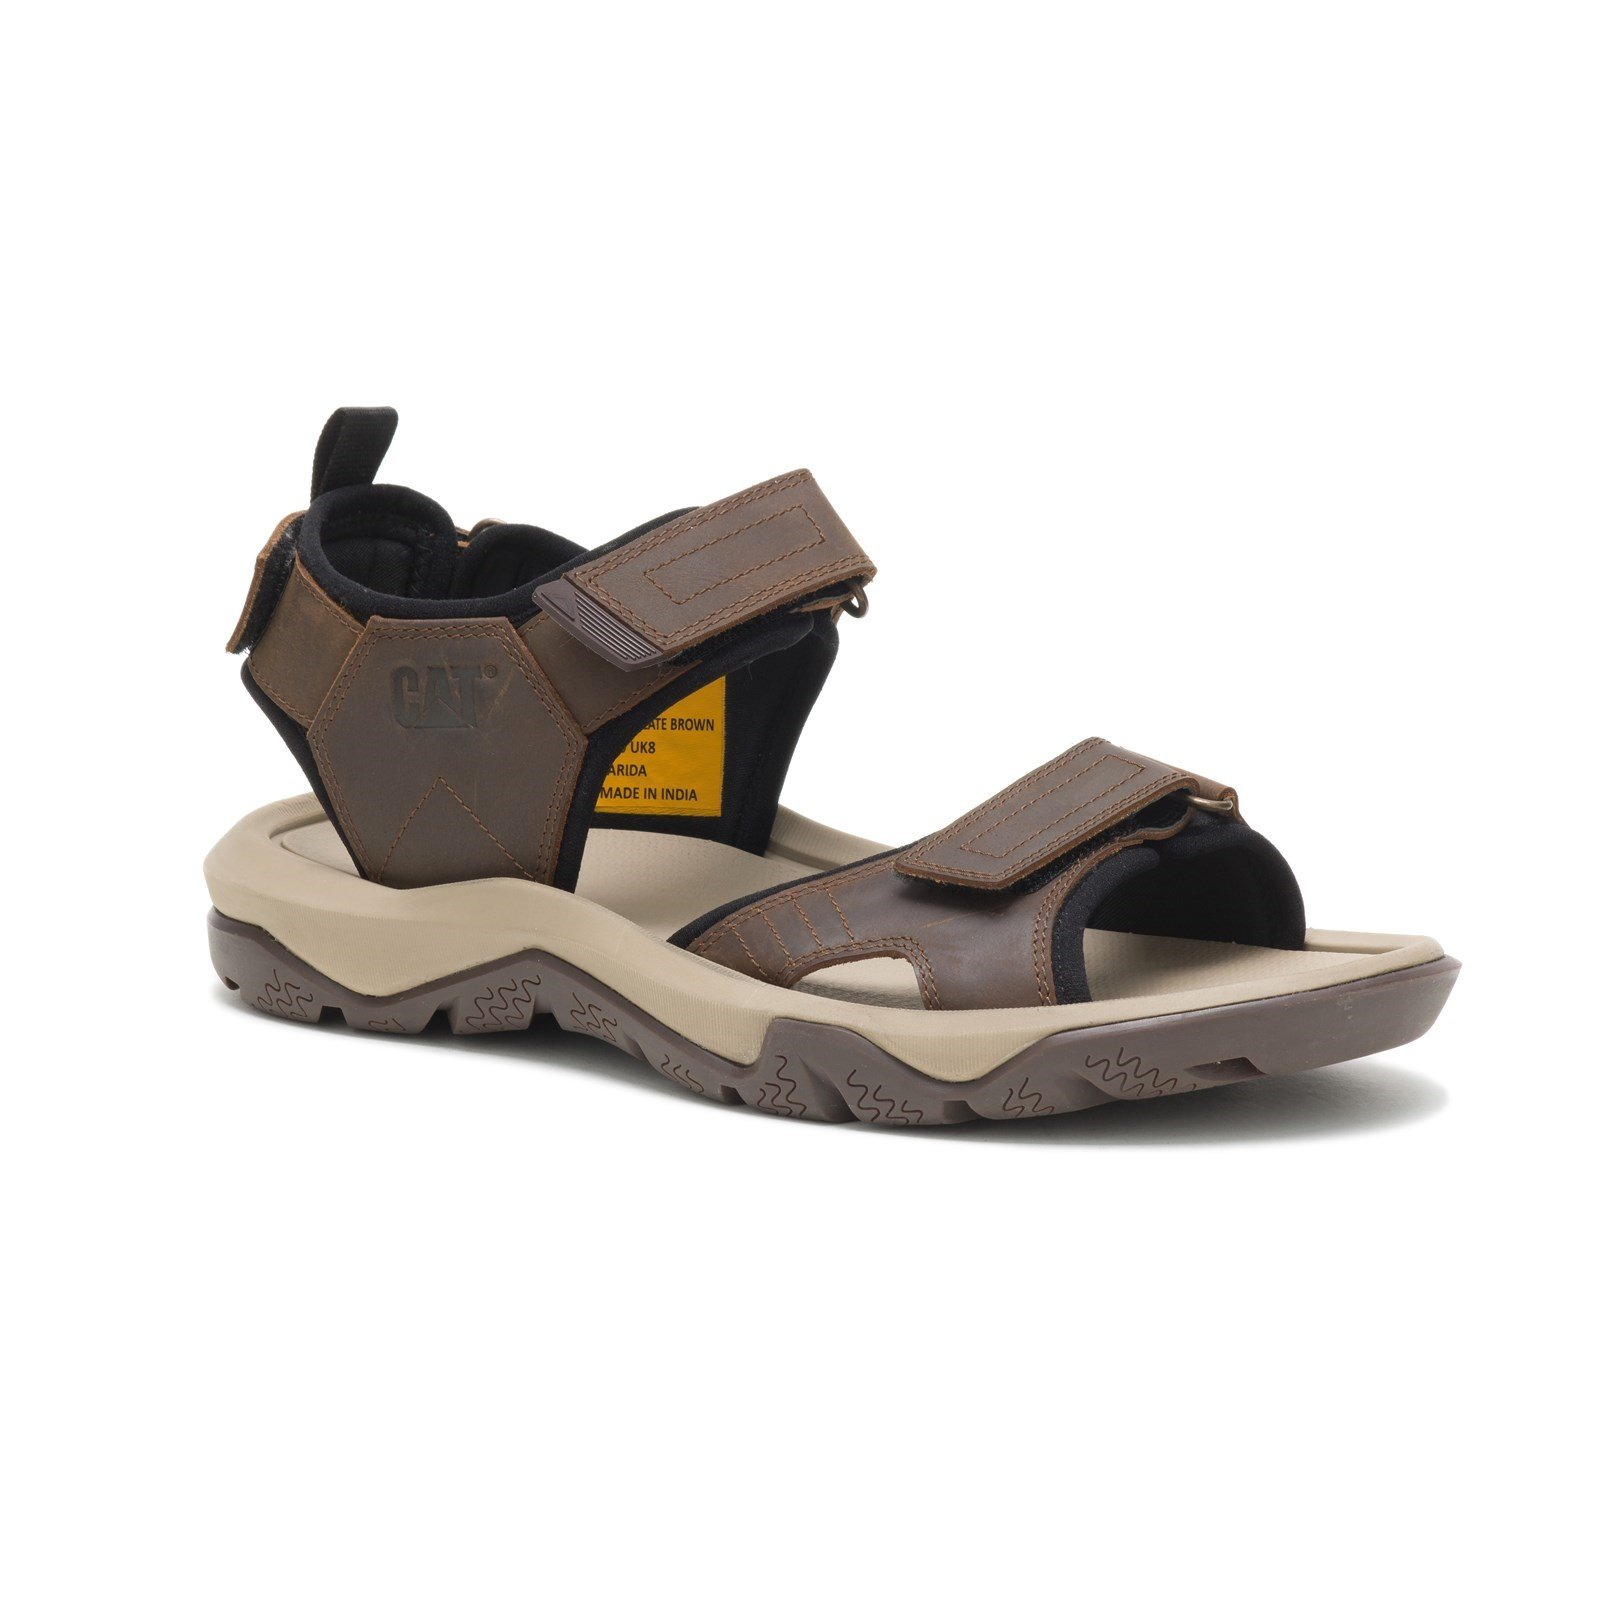 CAT Lifestyle Men's Waylon Sandal Various Colours 32269 - Chocolate Brown 7